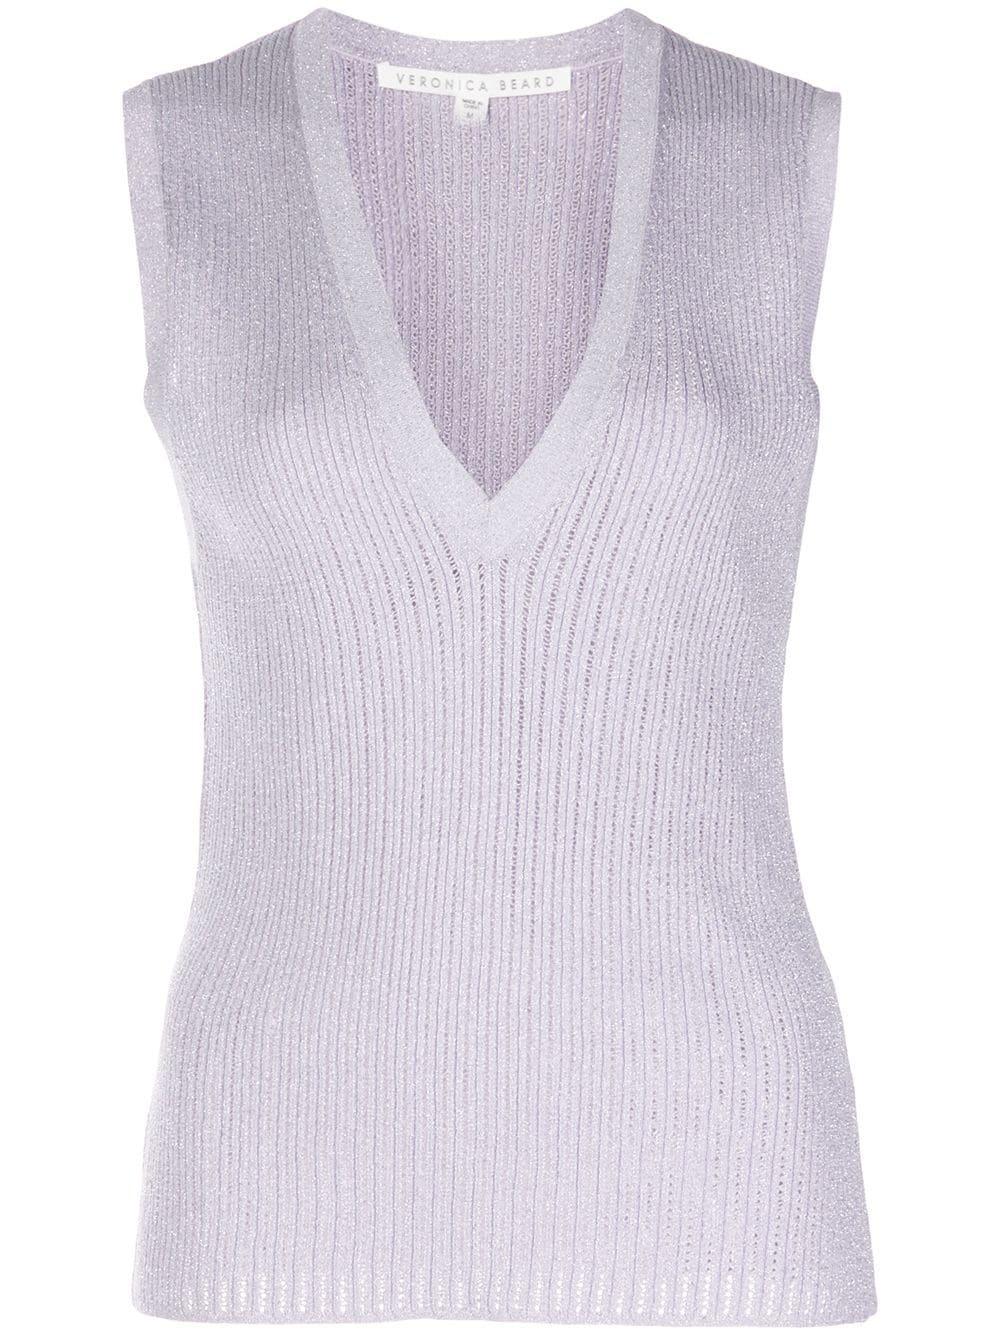 Sid Sleeveless V- Neck Pullover Item # 2003KN4139424